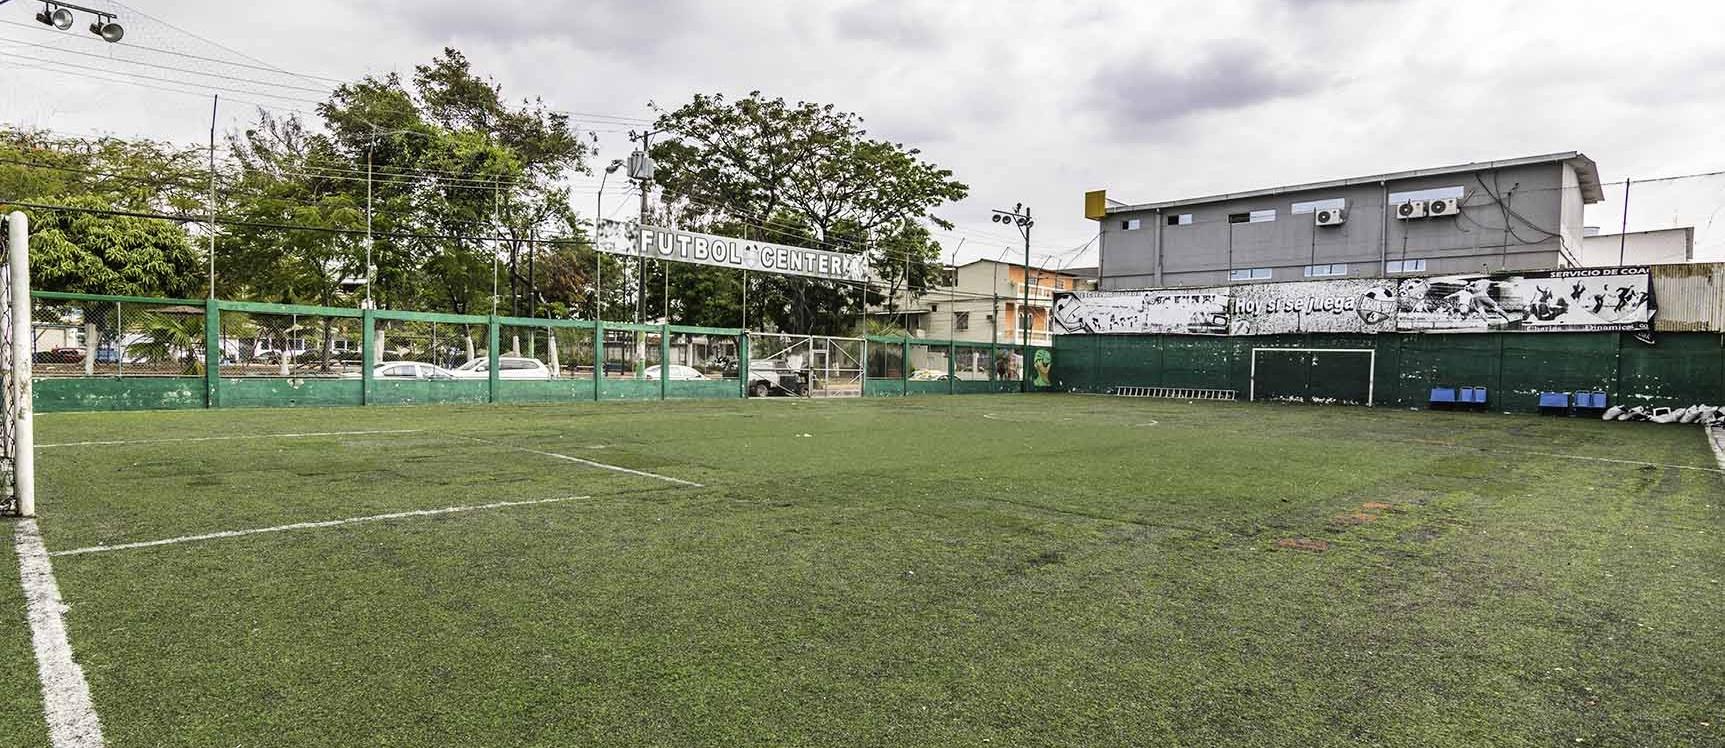 GeoBienes - Local en alquiler en Cdla. Vernaza Norte norte de Guayaquil - Plusvalia Guayaquil Casas de venta y alquiler Inmobiliaria Ecuador